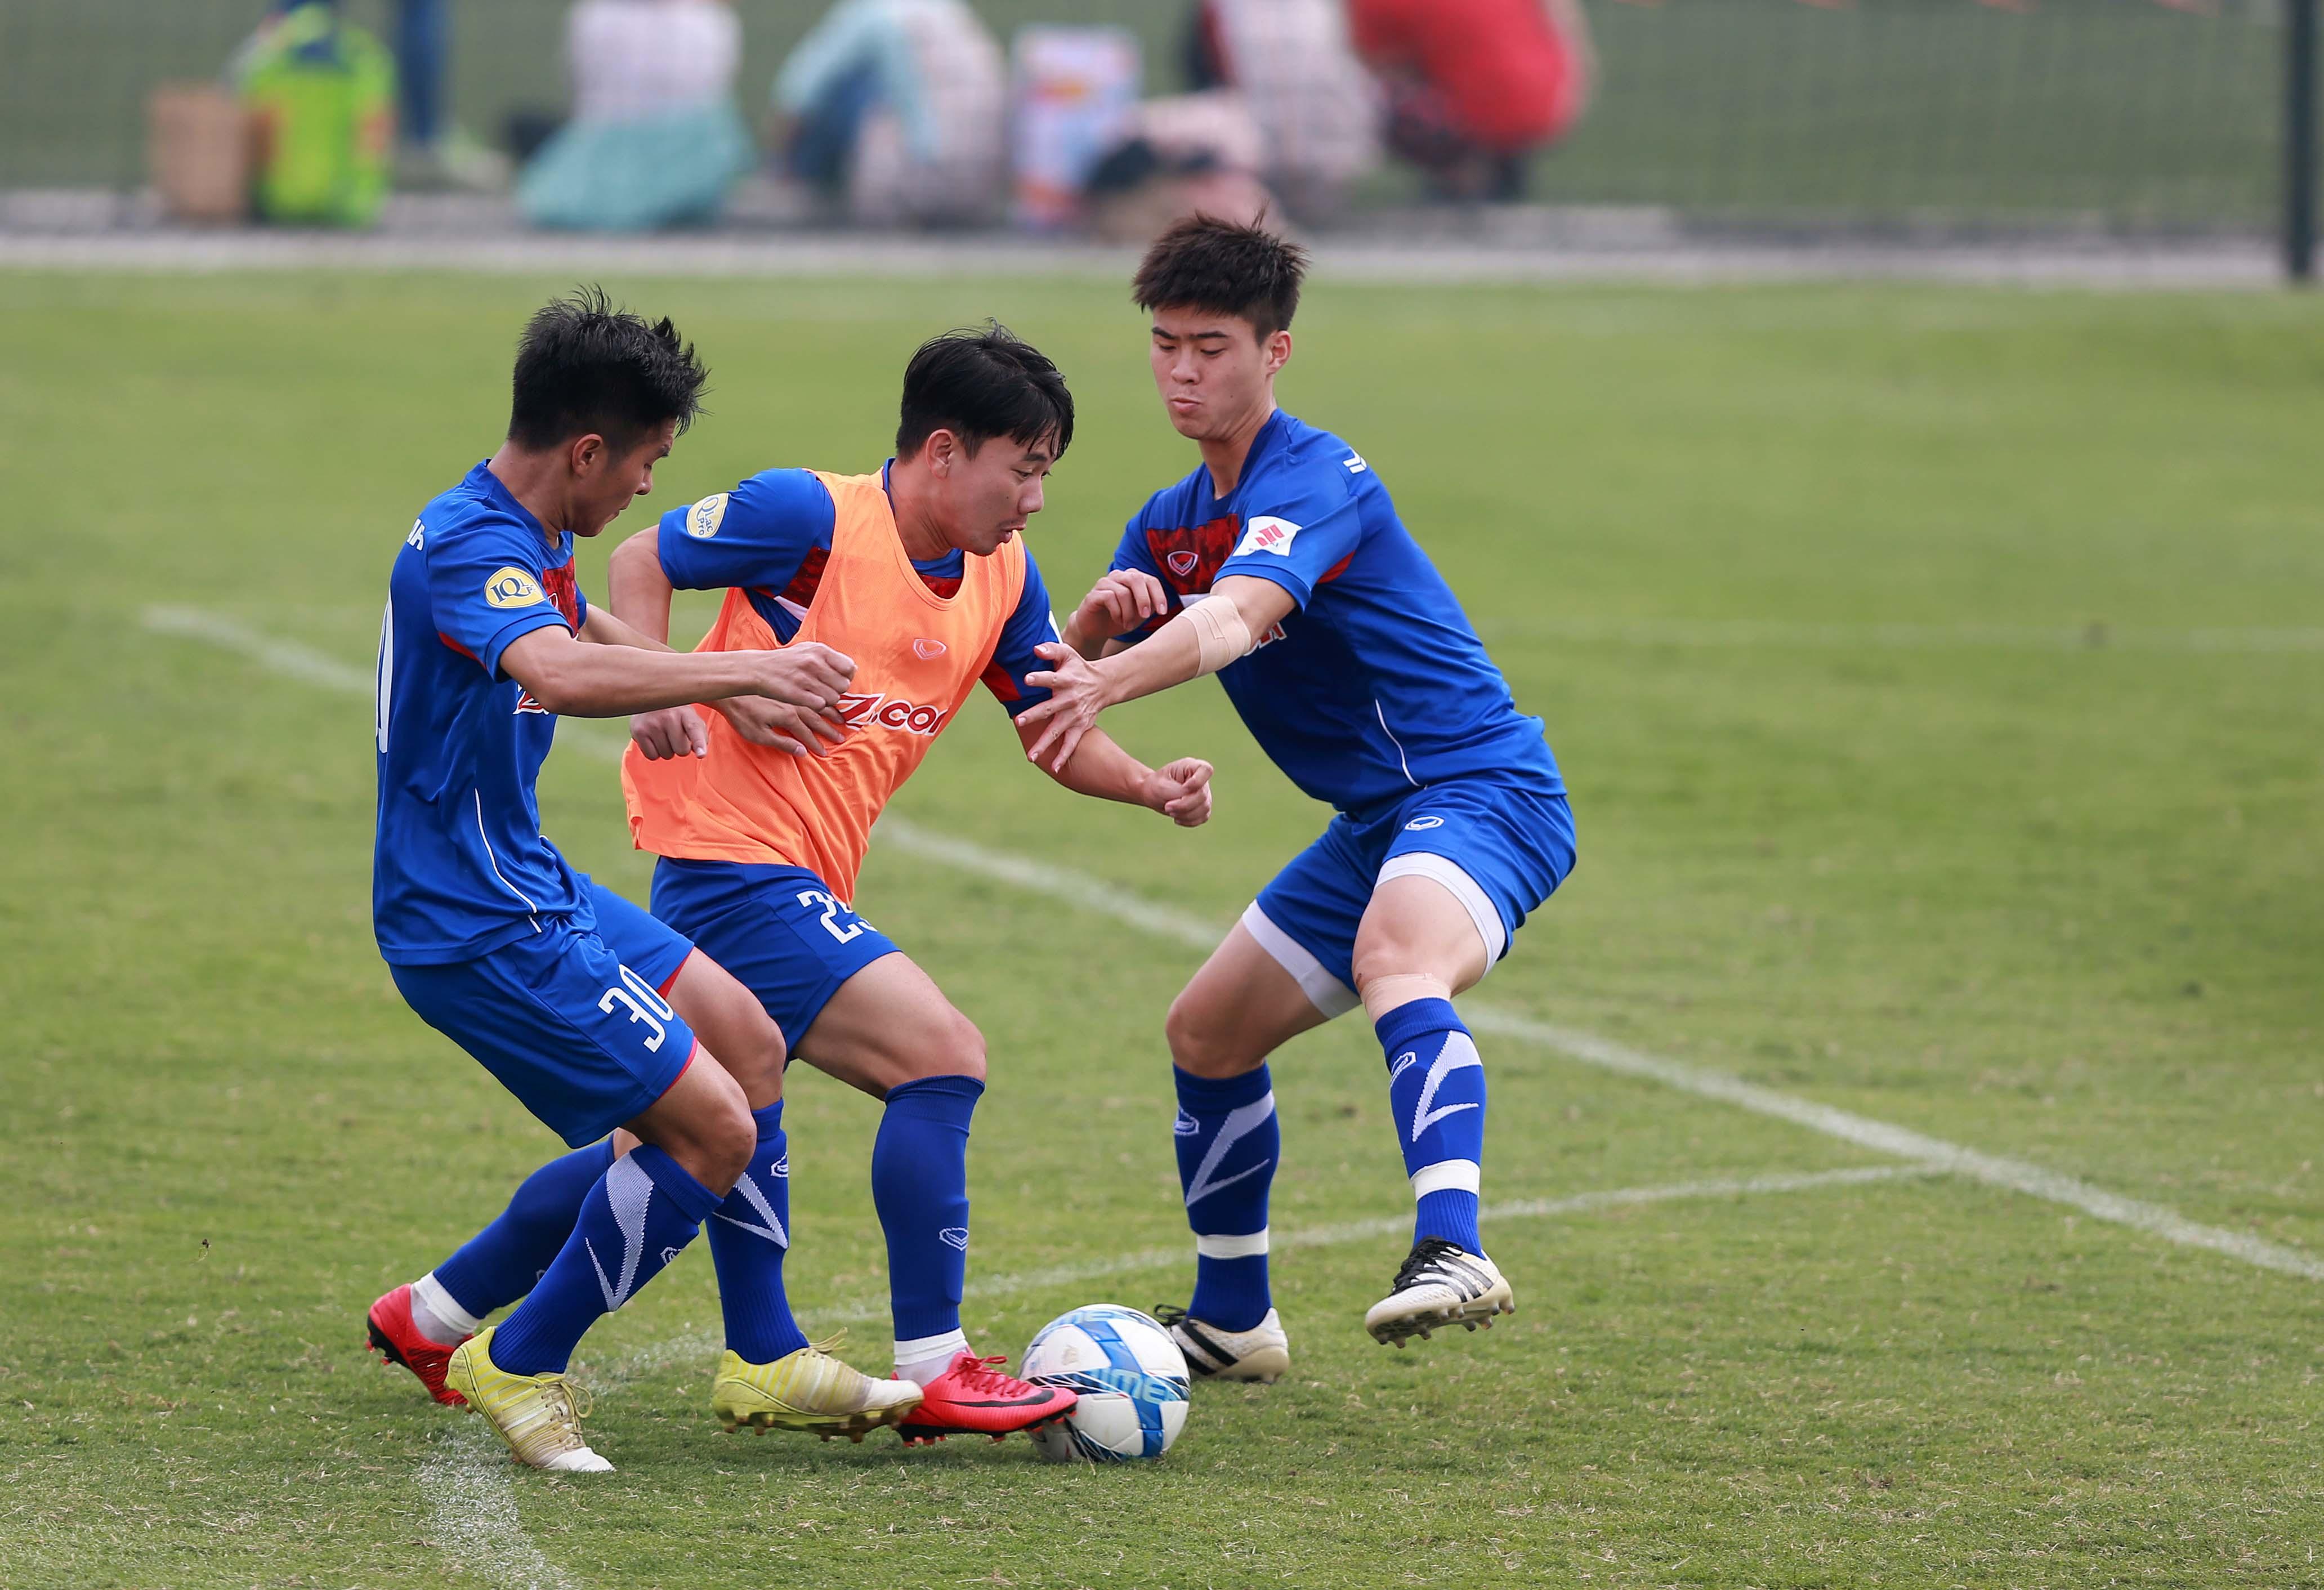 Với lực lượng gồm nhiều tuyển thủ U-23 như hiện nay, đội tuyển VN khó có thể vô địch AFF Cup 2018. Ảnh: NAM KHÁNH